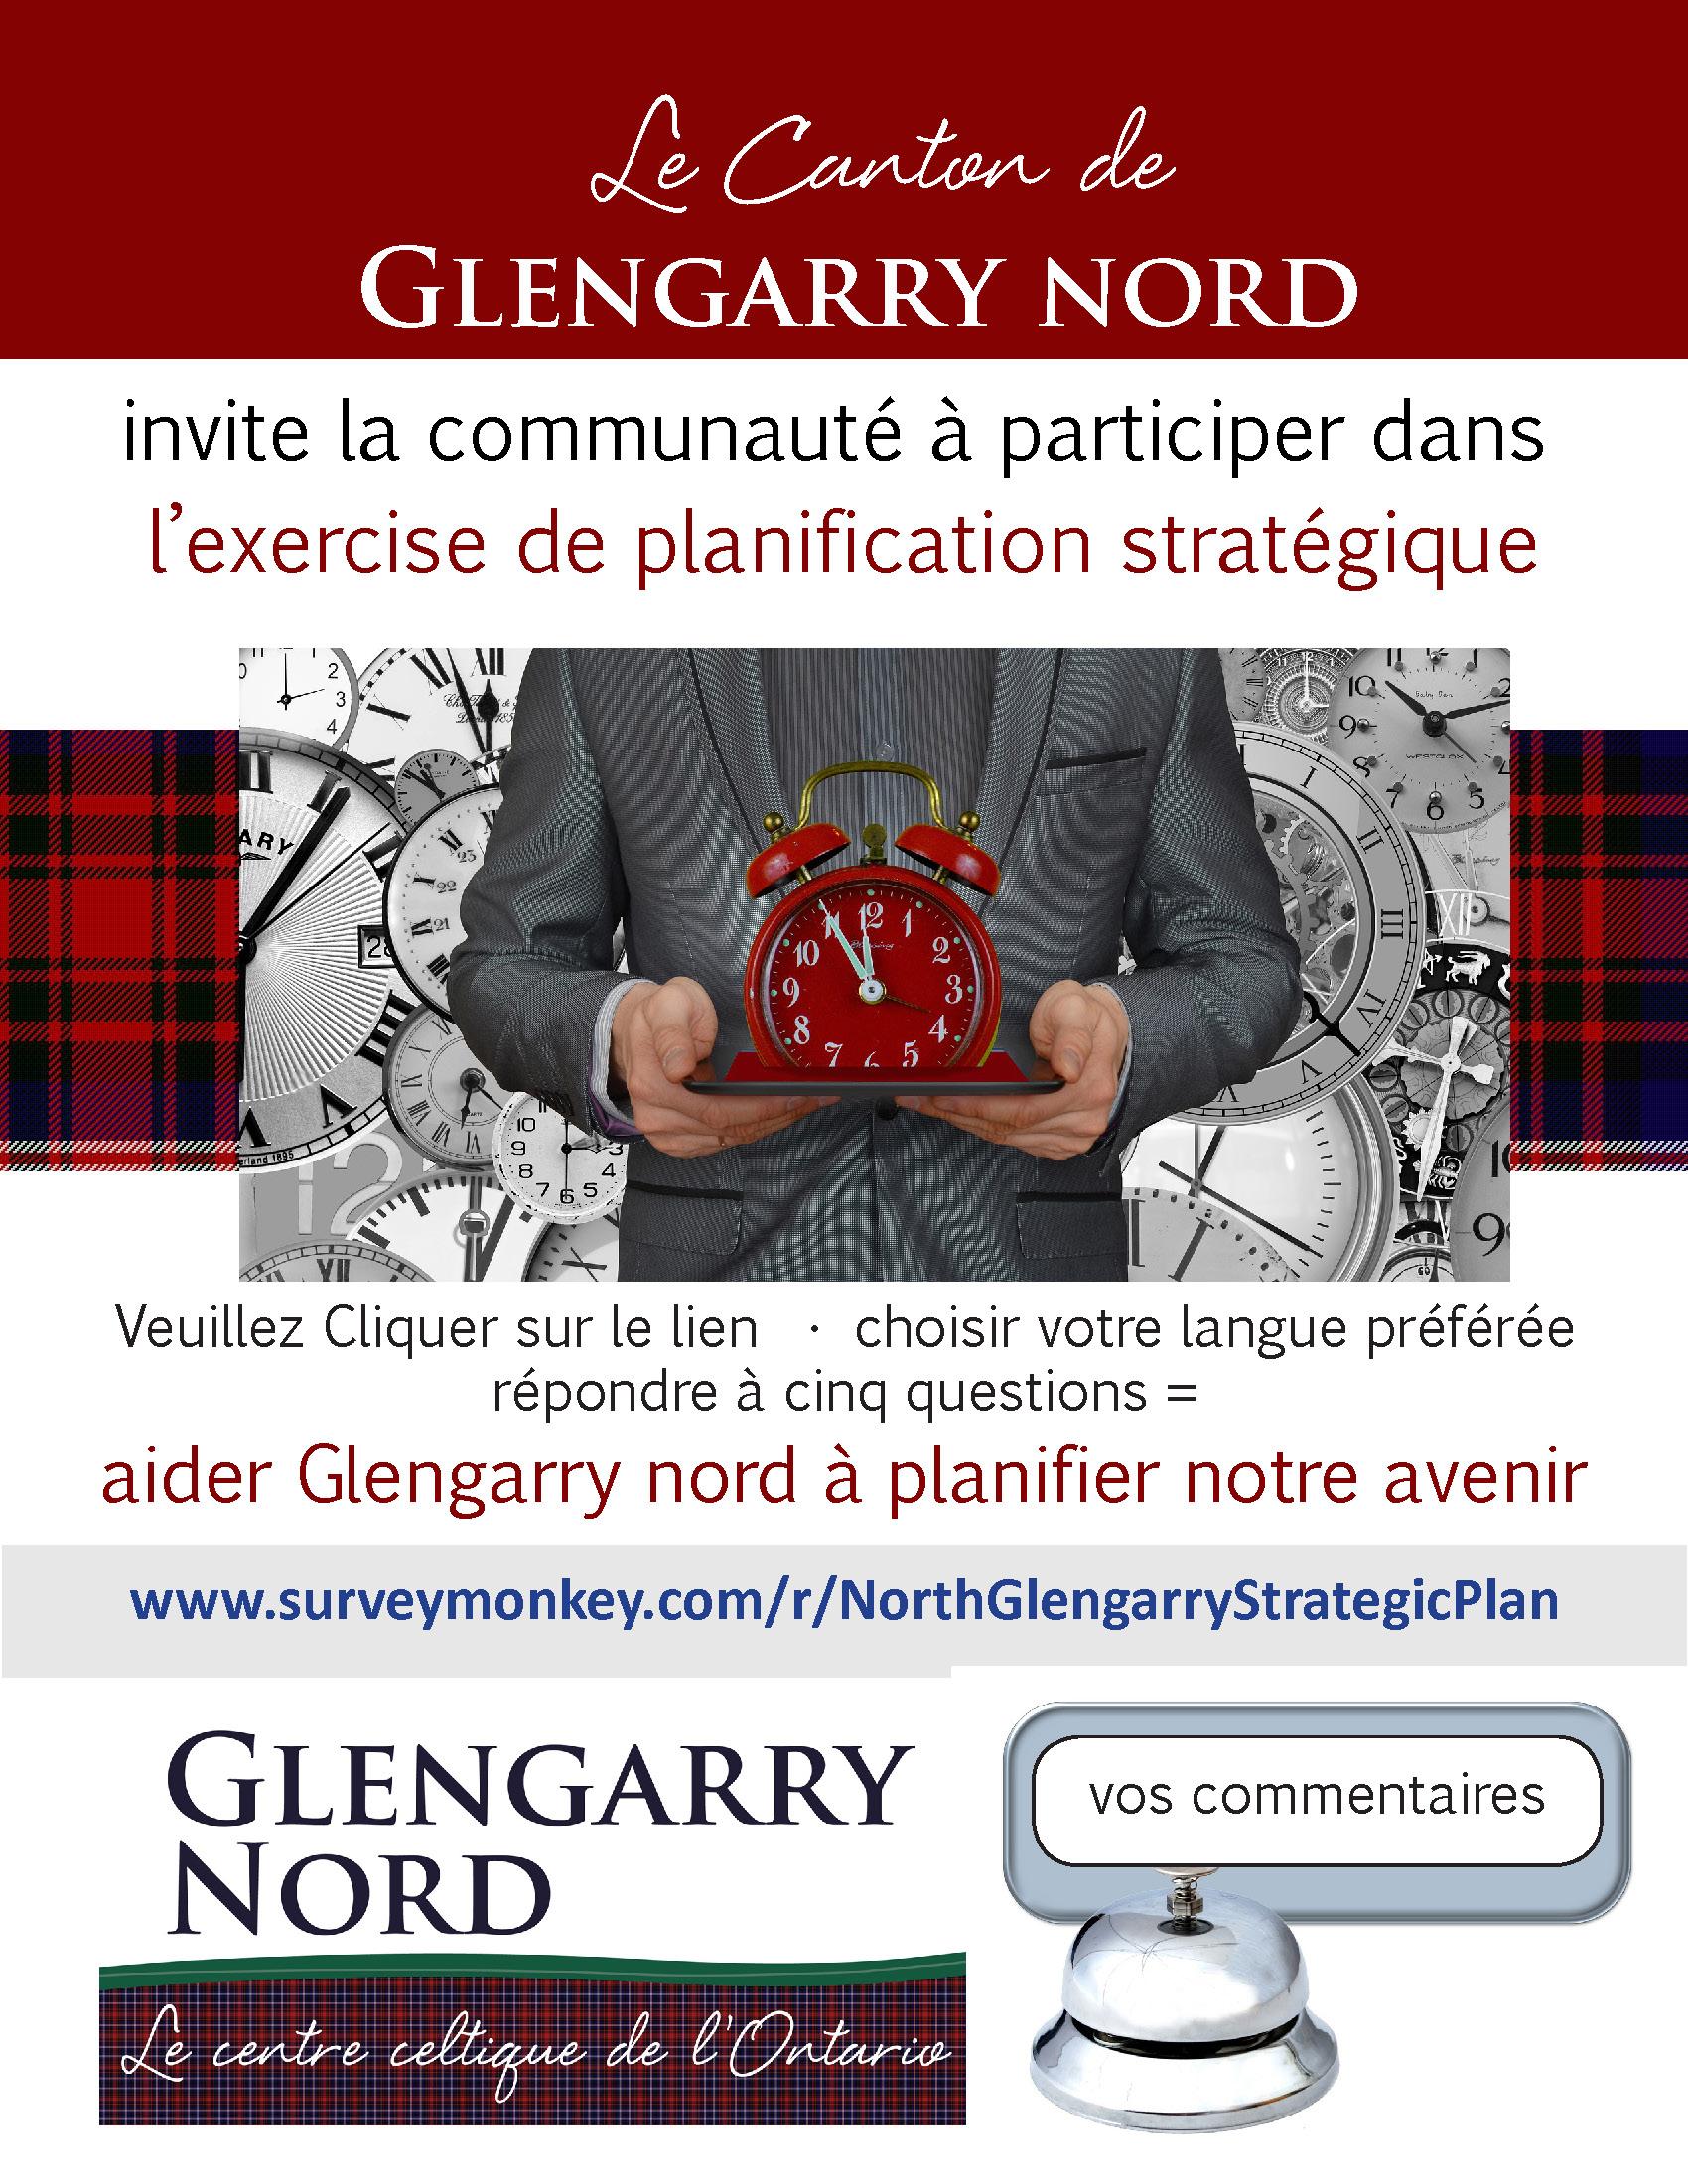 affiche pour l'exercise de plannification stratégique